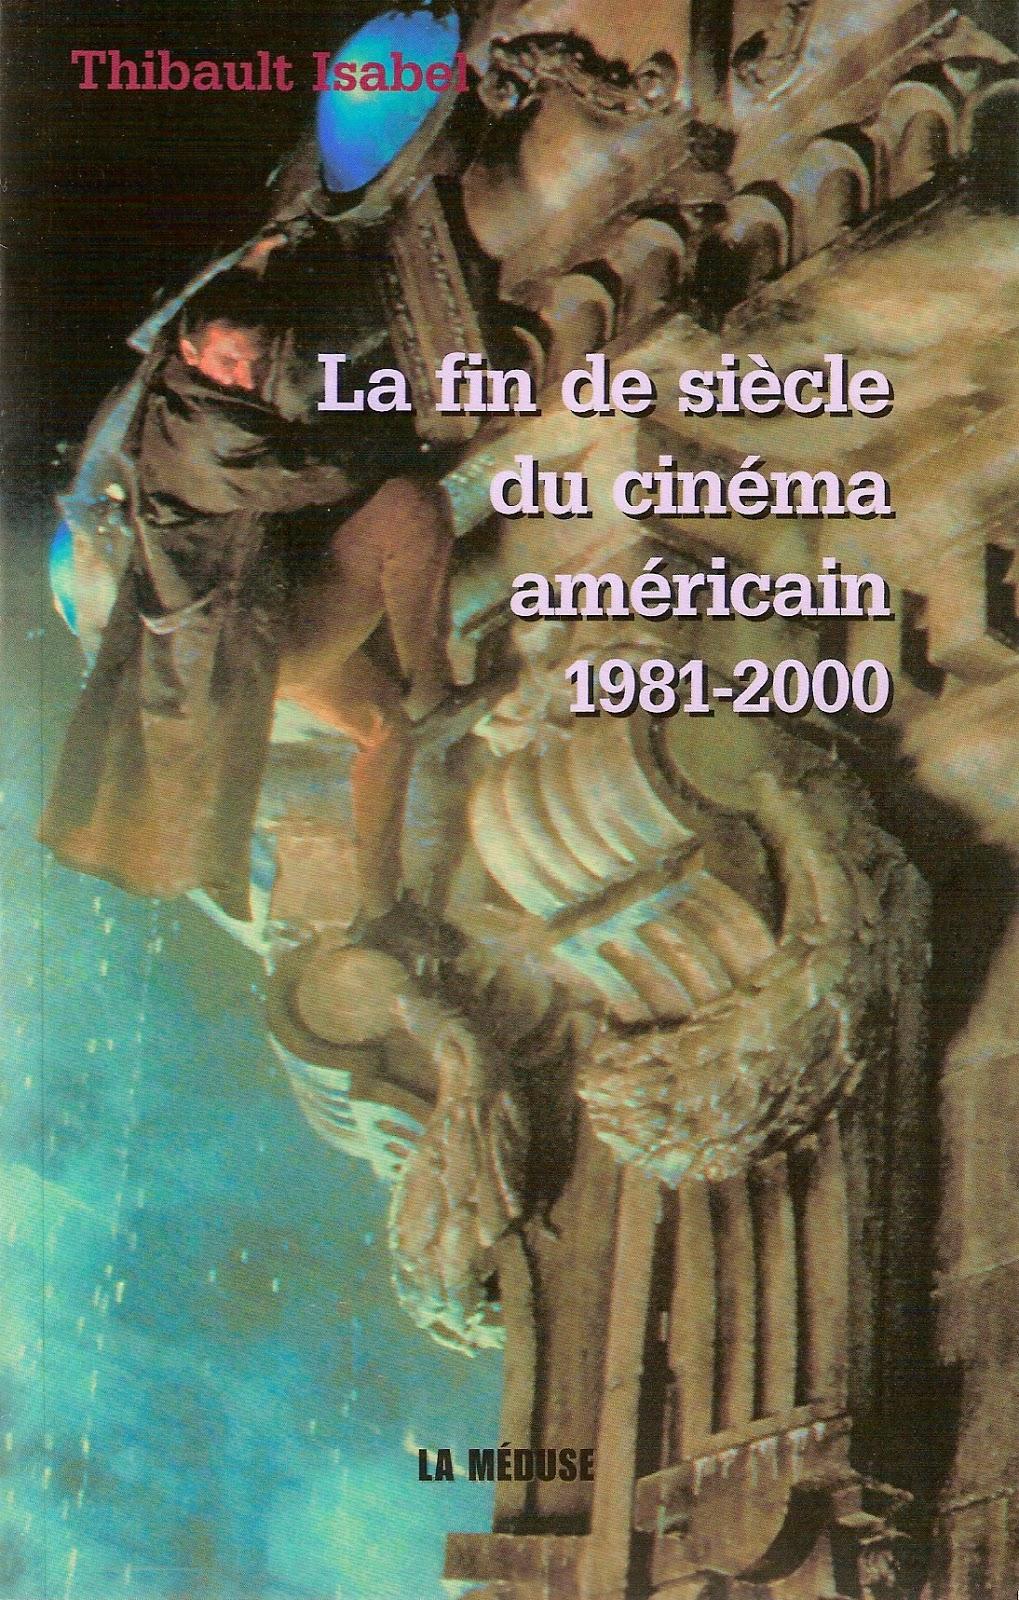 https://krisisdiffusion.pswebstore.com/librairie-en-ligne/34-la-fin-de-siecle-du-cinema-americain.html